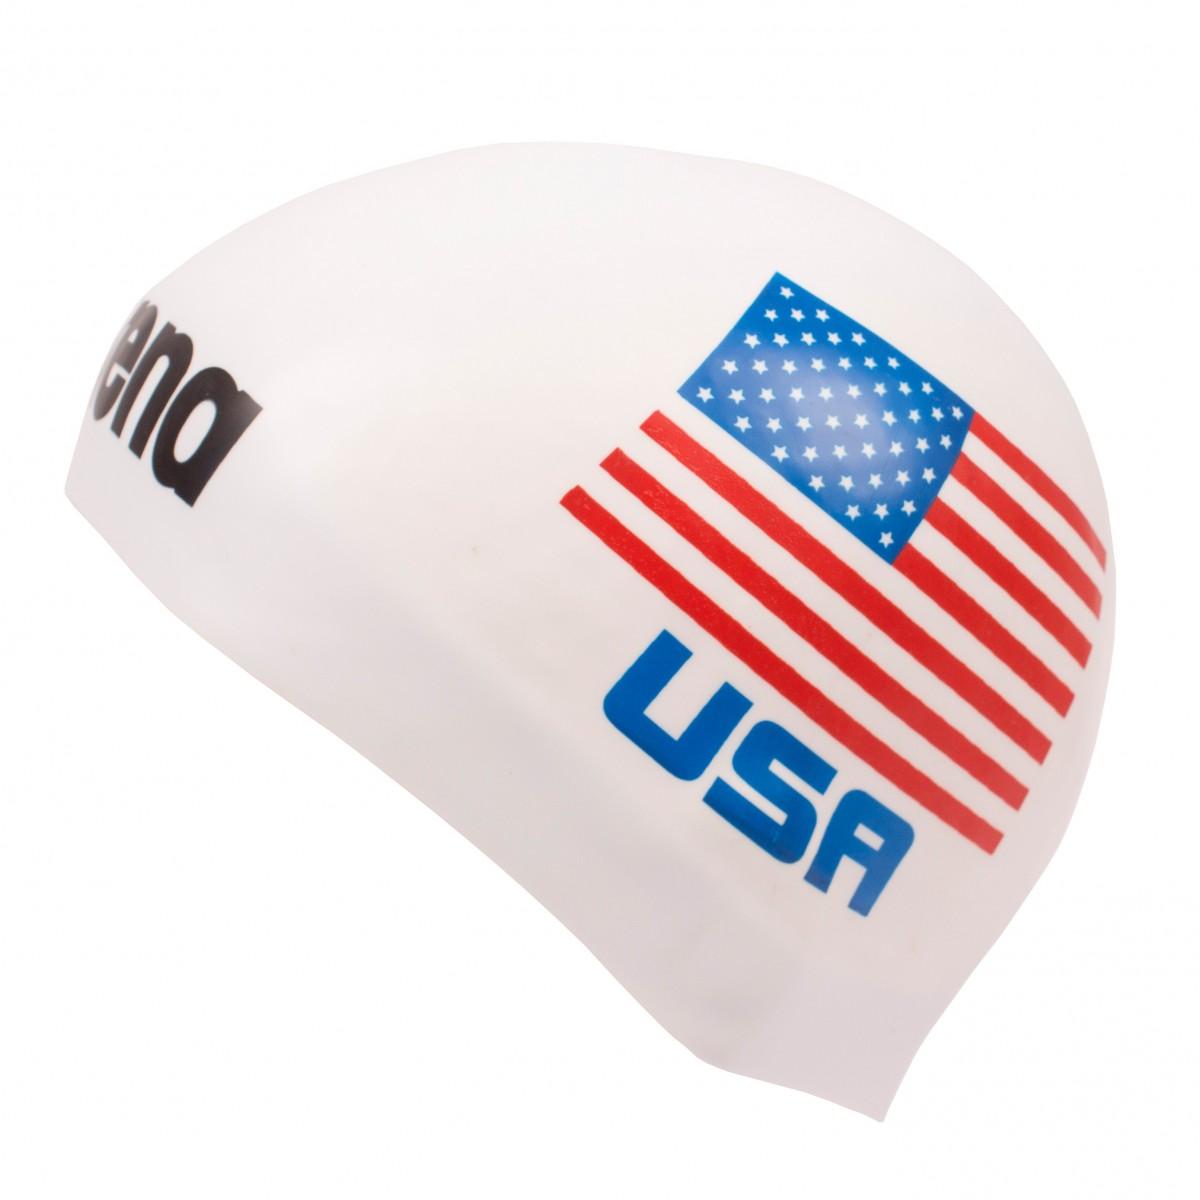 Beste Flagge Der Vereinigten Staaten Vorlage Fotos - Beispiel ...